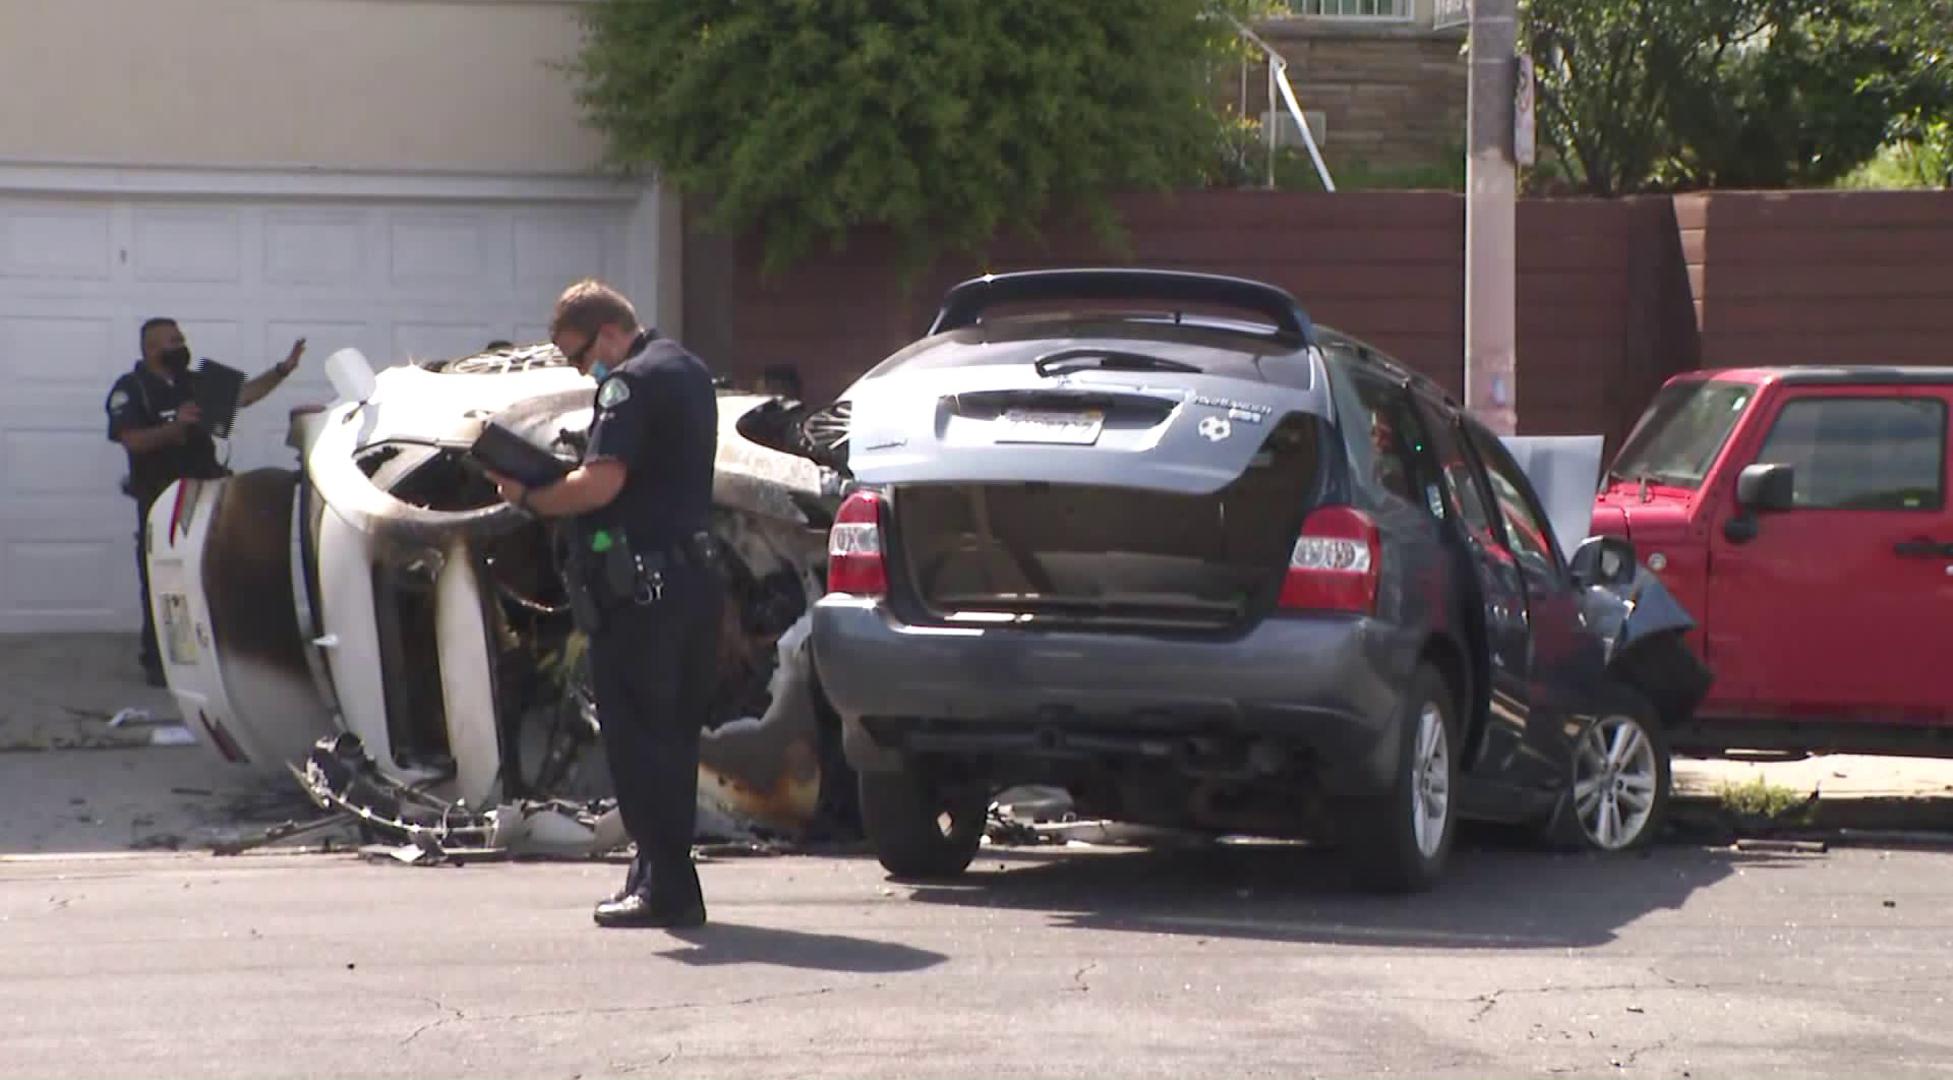 LAPD officials investigate a crash scene in the Westlake District on June 12, 2020. (KTLA)